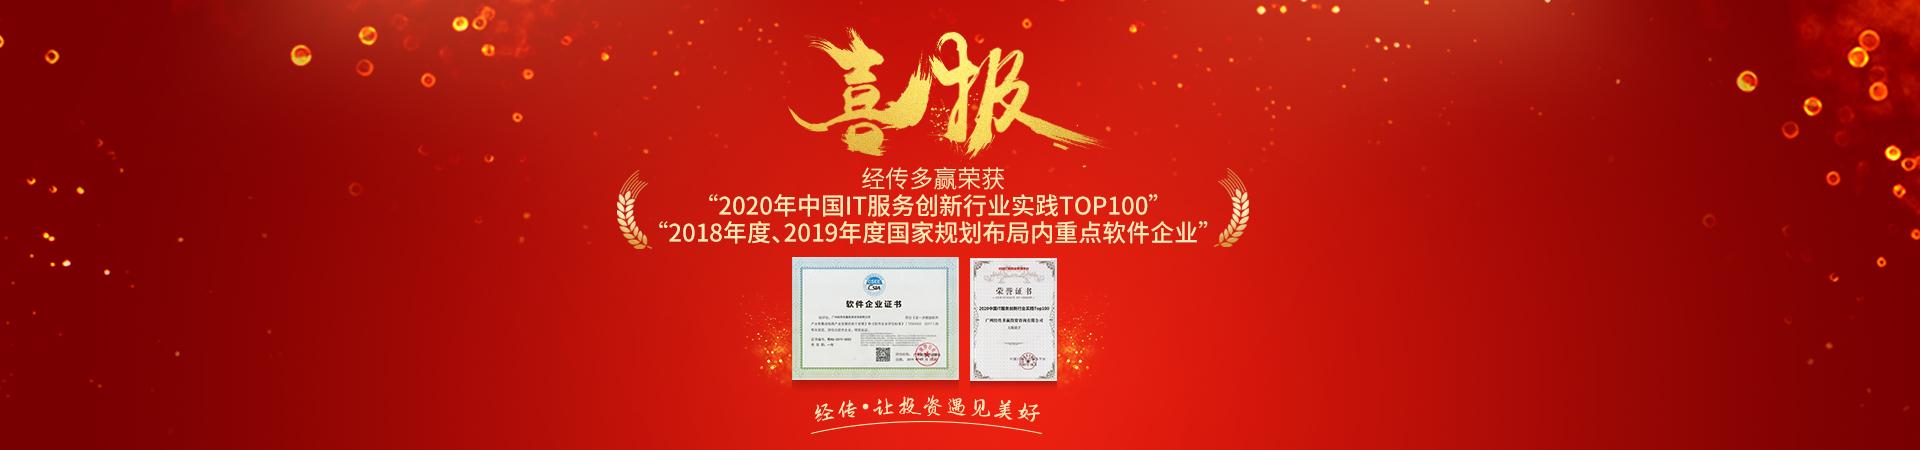 服务创新top100、重点软件企业